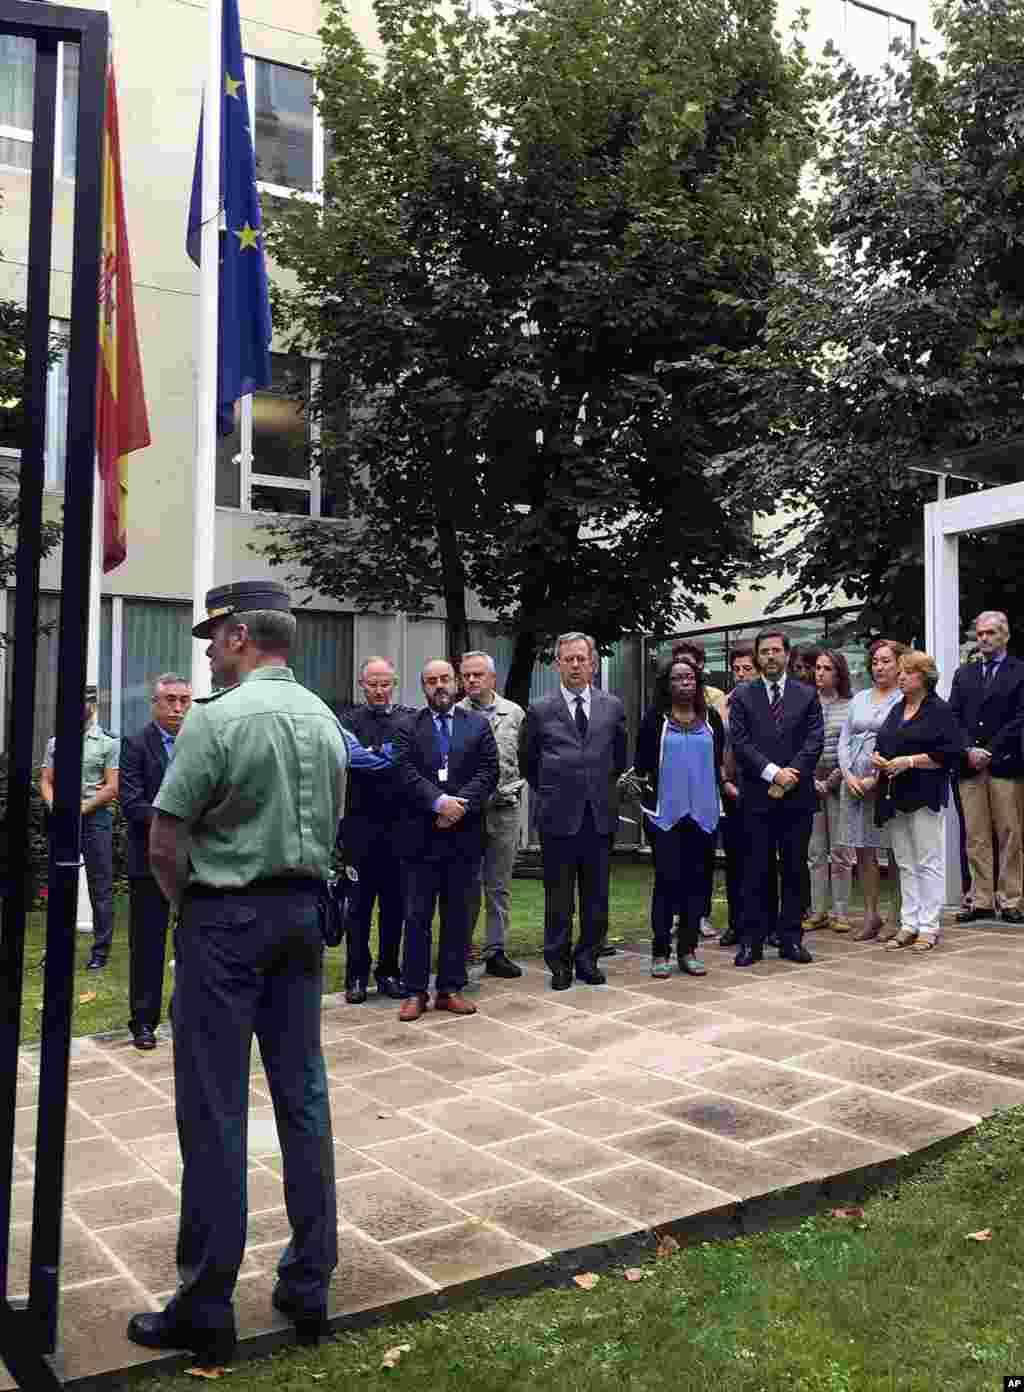 سکوت یک دقیقه ای کارمندان سفارت اسپانیا در فرانسه به نشان همدردی با قربانیان حمله تروریستی در بارسلون اسپانیا